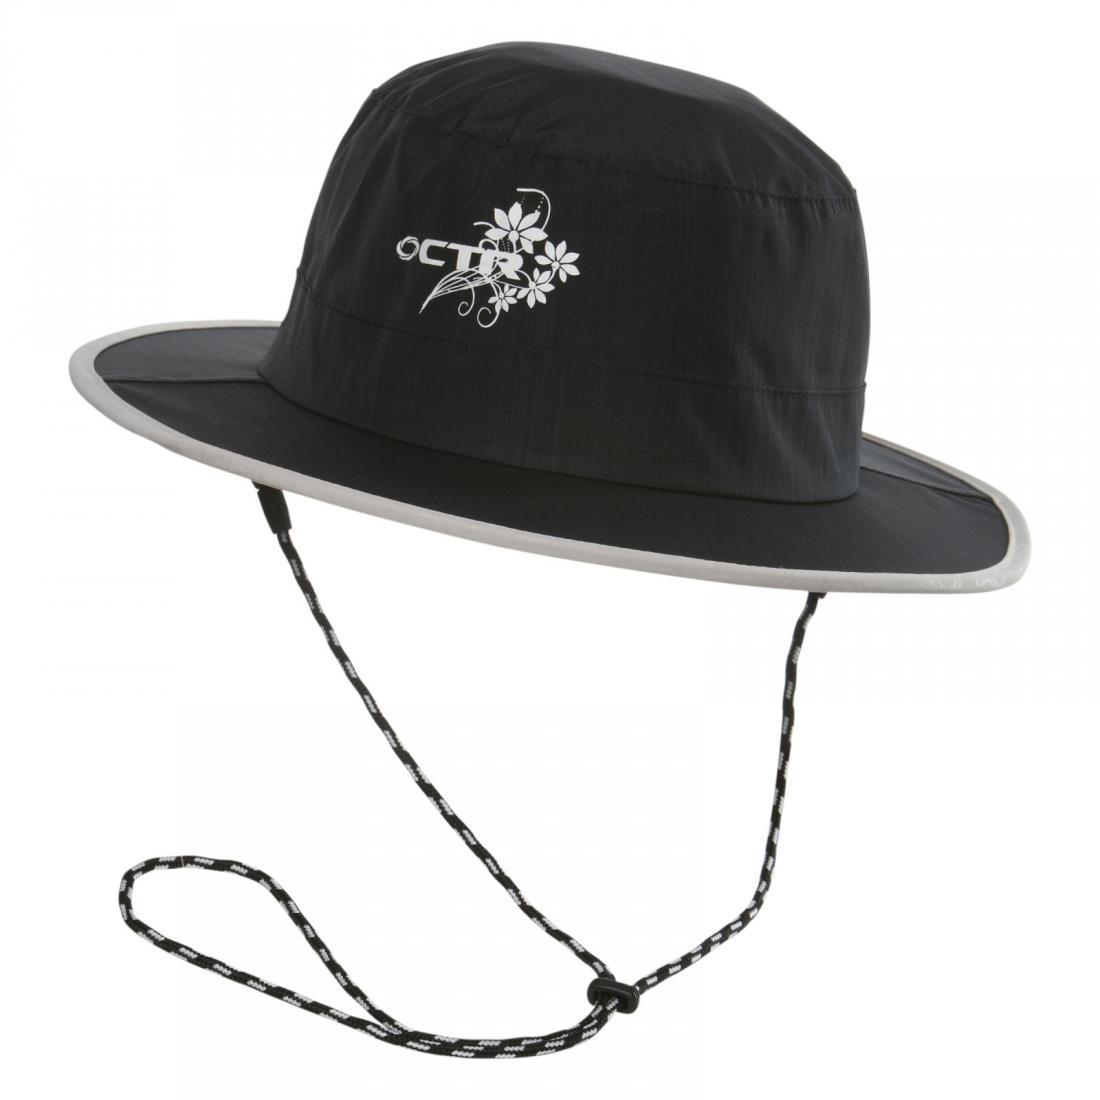 Панама Chaos  Stratus Bucket Hat (женс)Панамы<br><br> Женская панама Chaos Stratus Bucket Hat привлекает внимание сочными оттенками и небольшим элегантным принтом. Она станет верной спутницей в путешествиях и незаменимой помощницей в любую погоду. Эта модель одинаково хорошо защищает от ярких солнечны...<br><br>Цвет: Черный<br>Размер: S-M